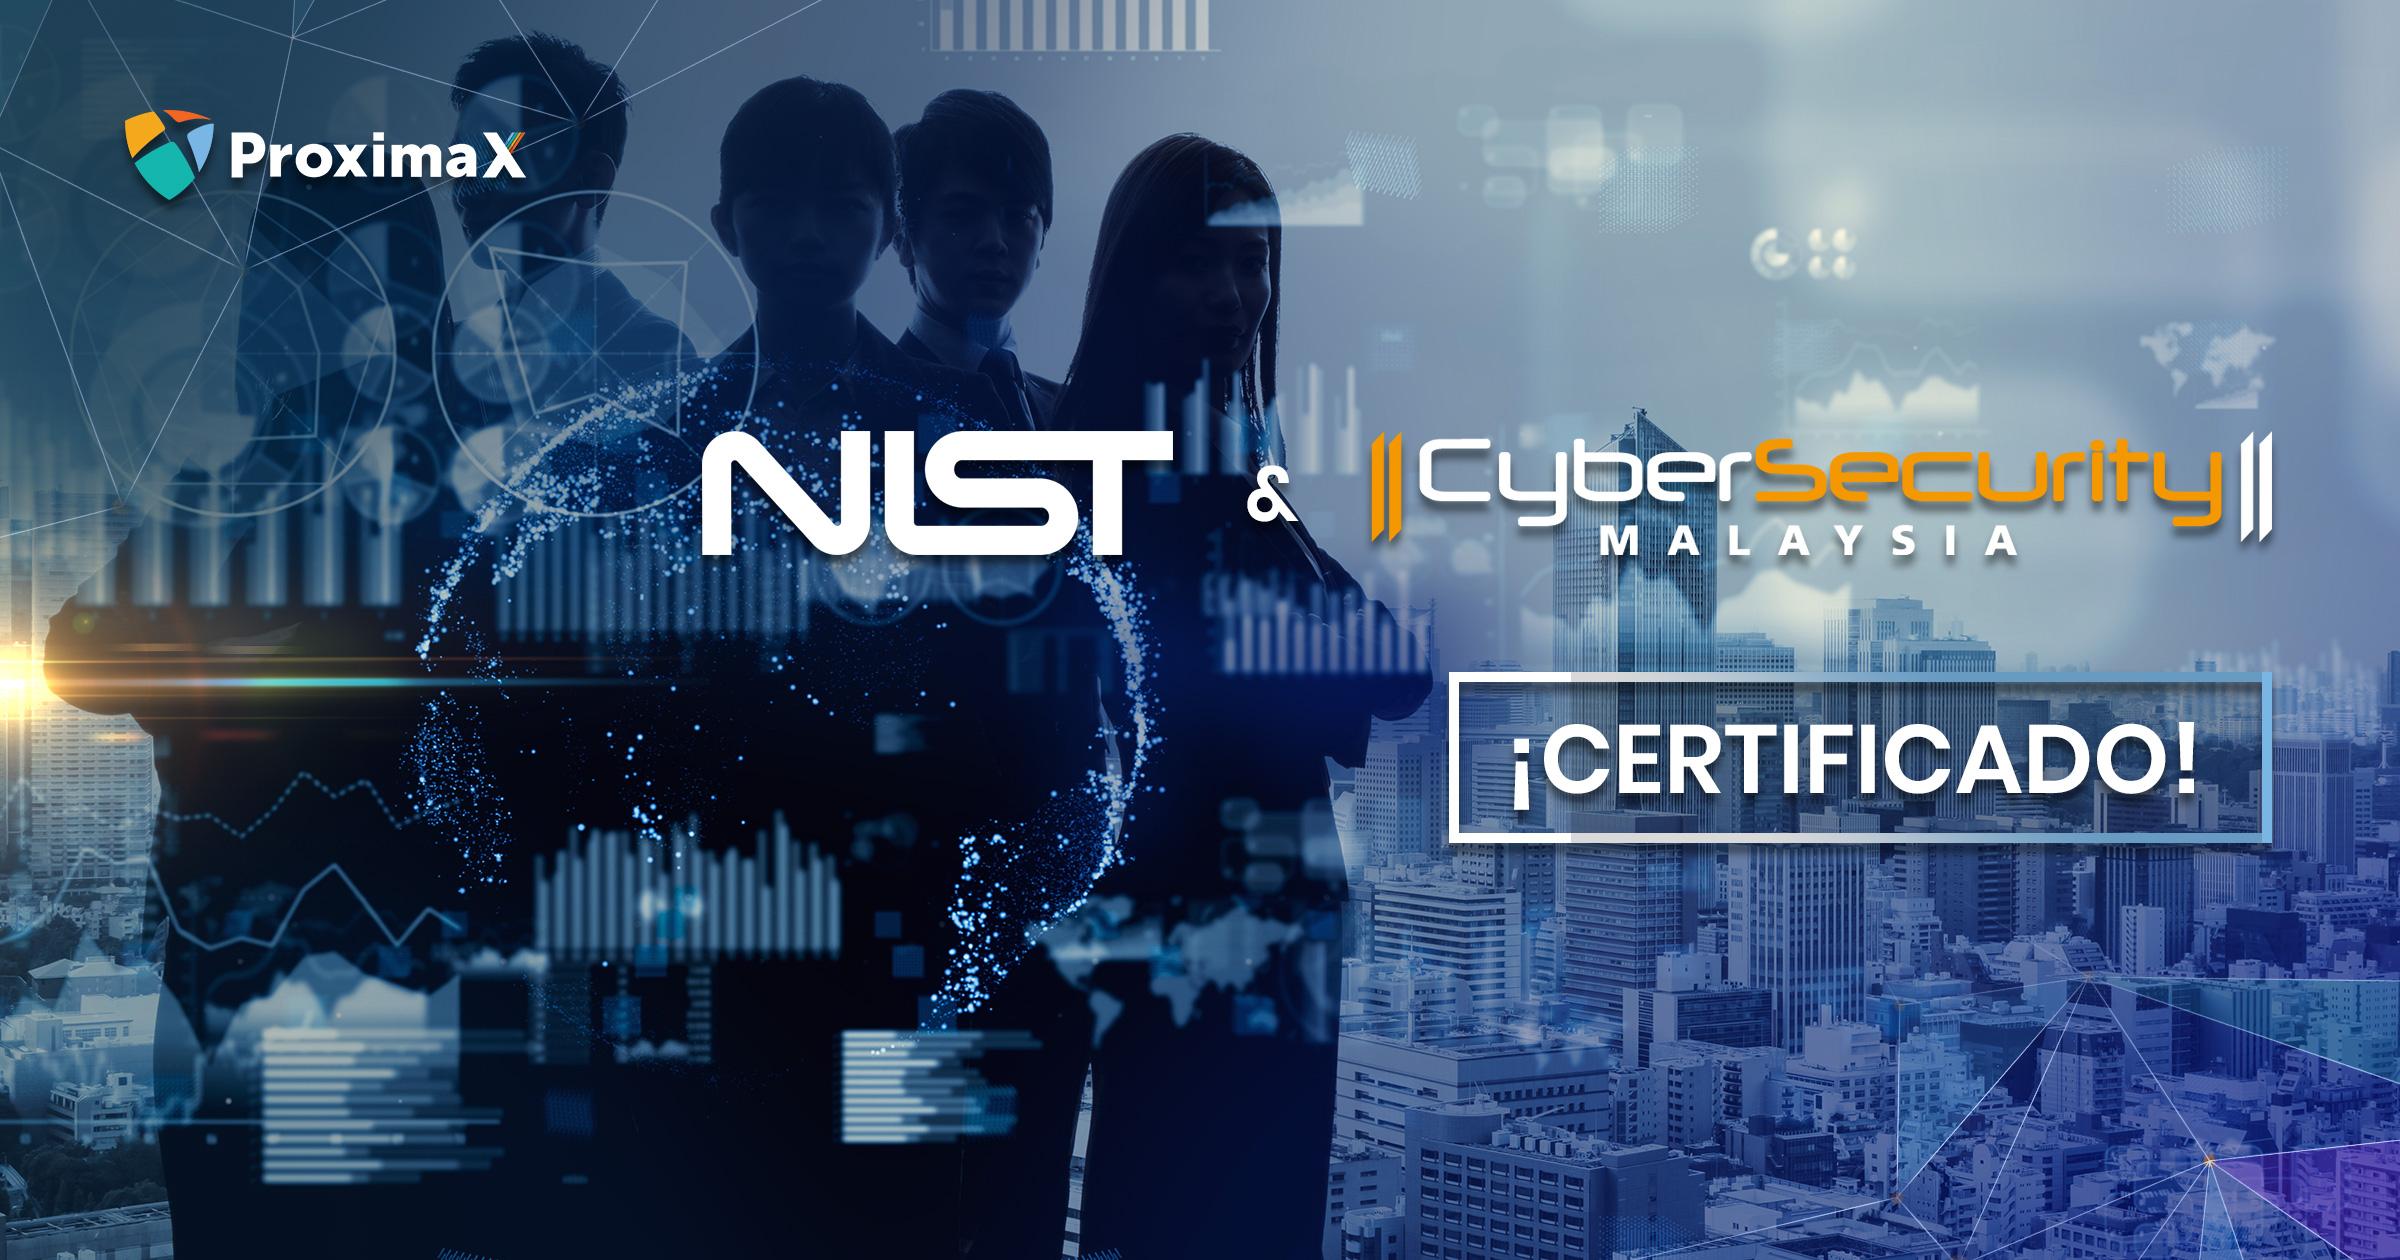 CyberSecurity Malaysia y el Instituto Nacional de Estándares y Tecnología nos certifican